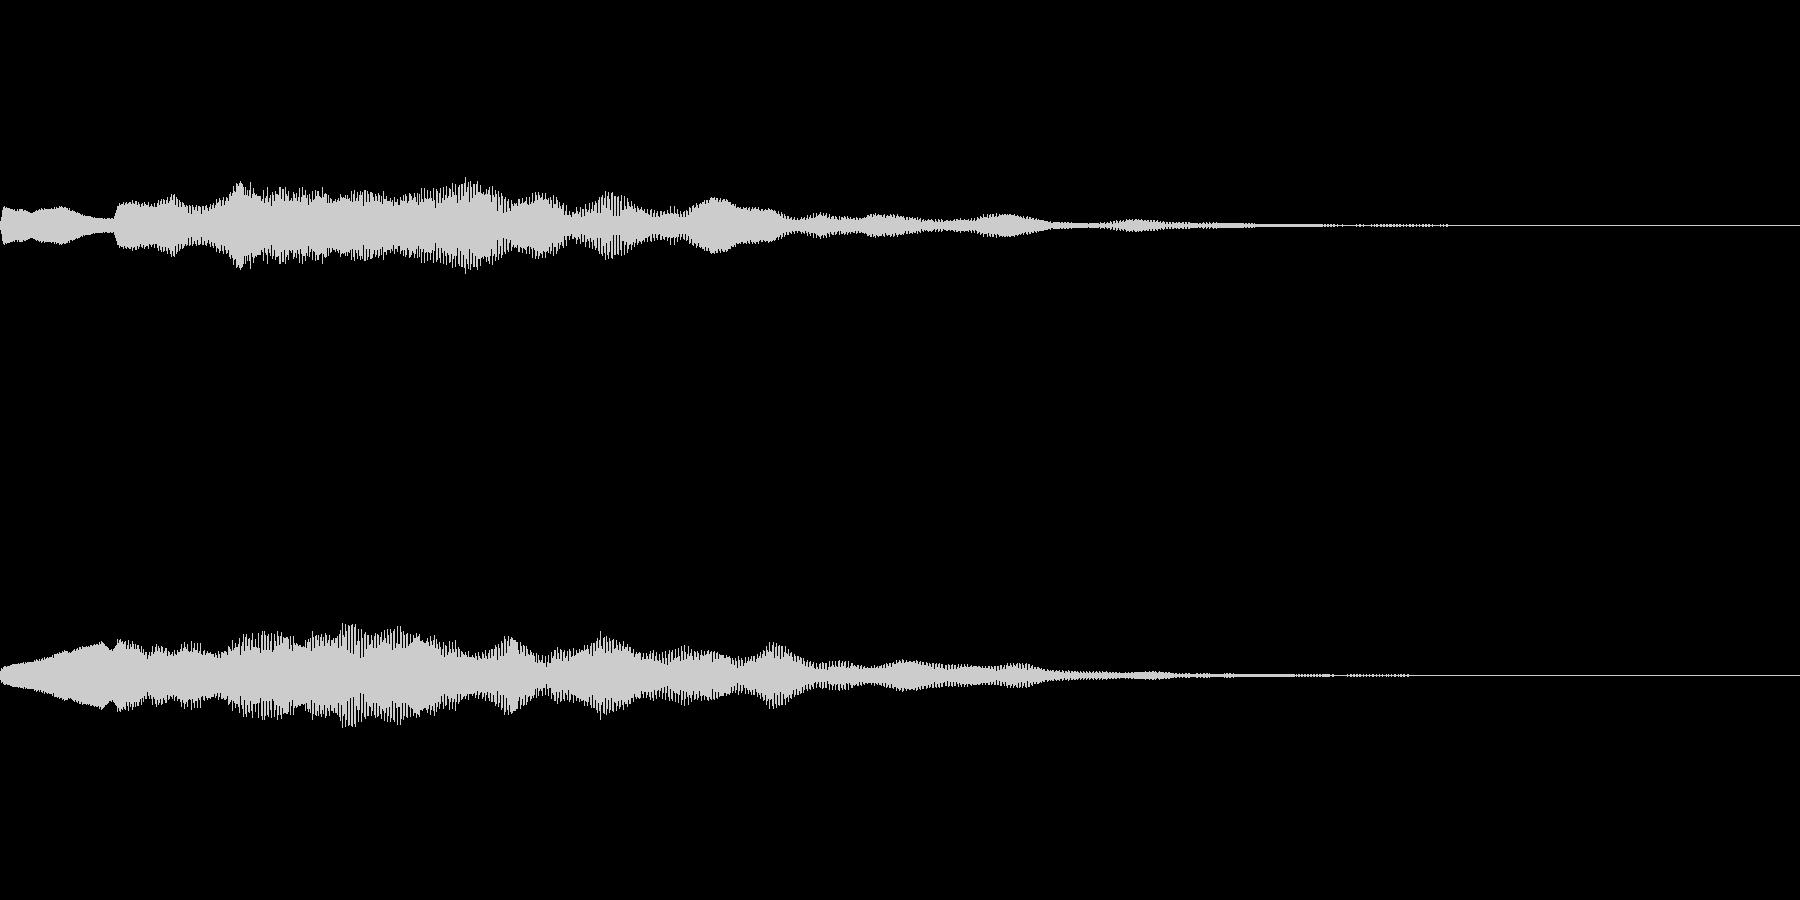 お知らせのベルの音の未再生の波形